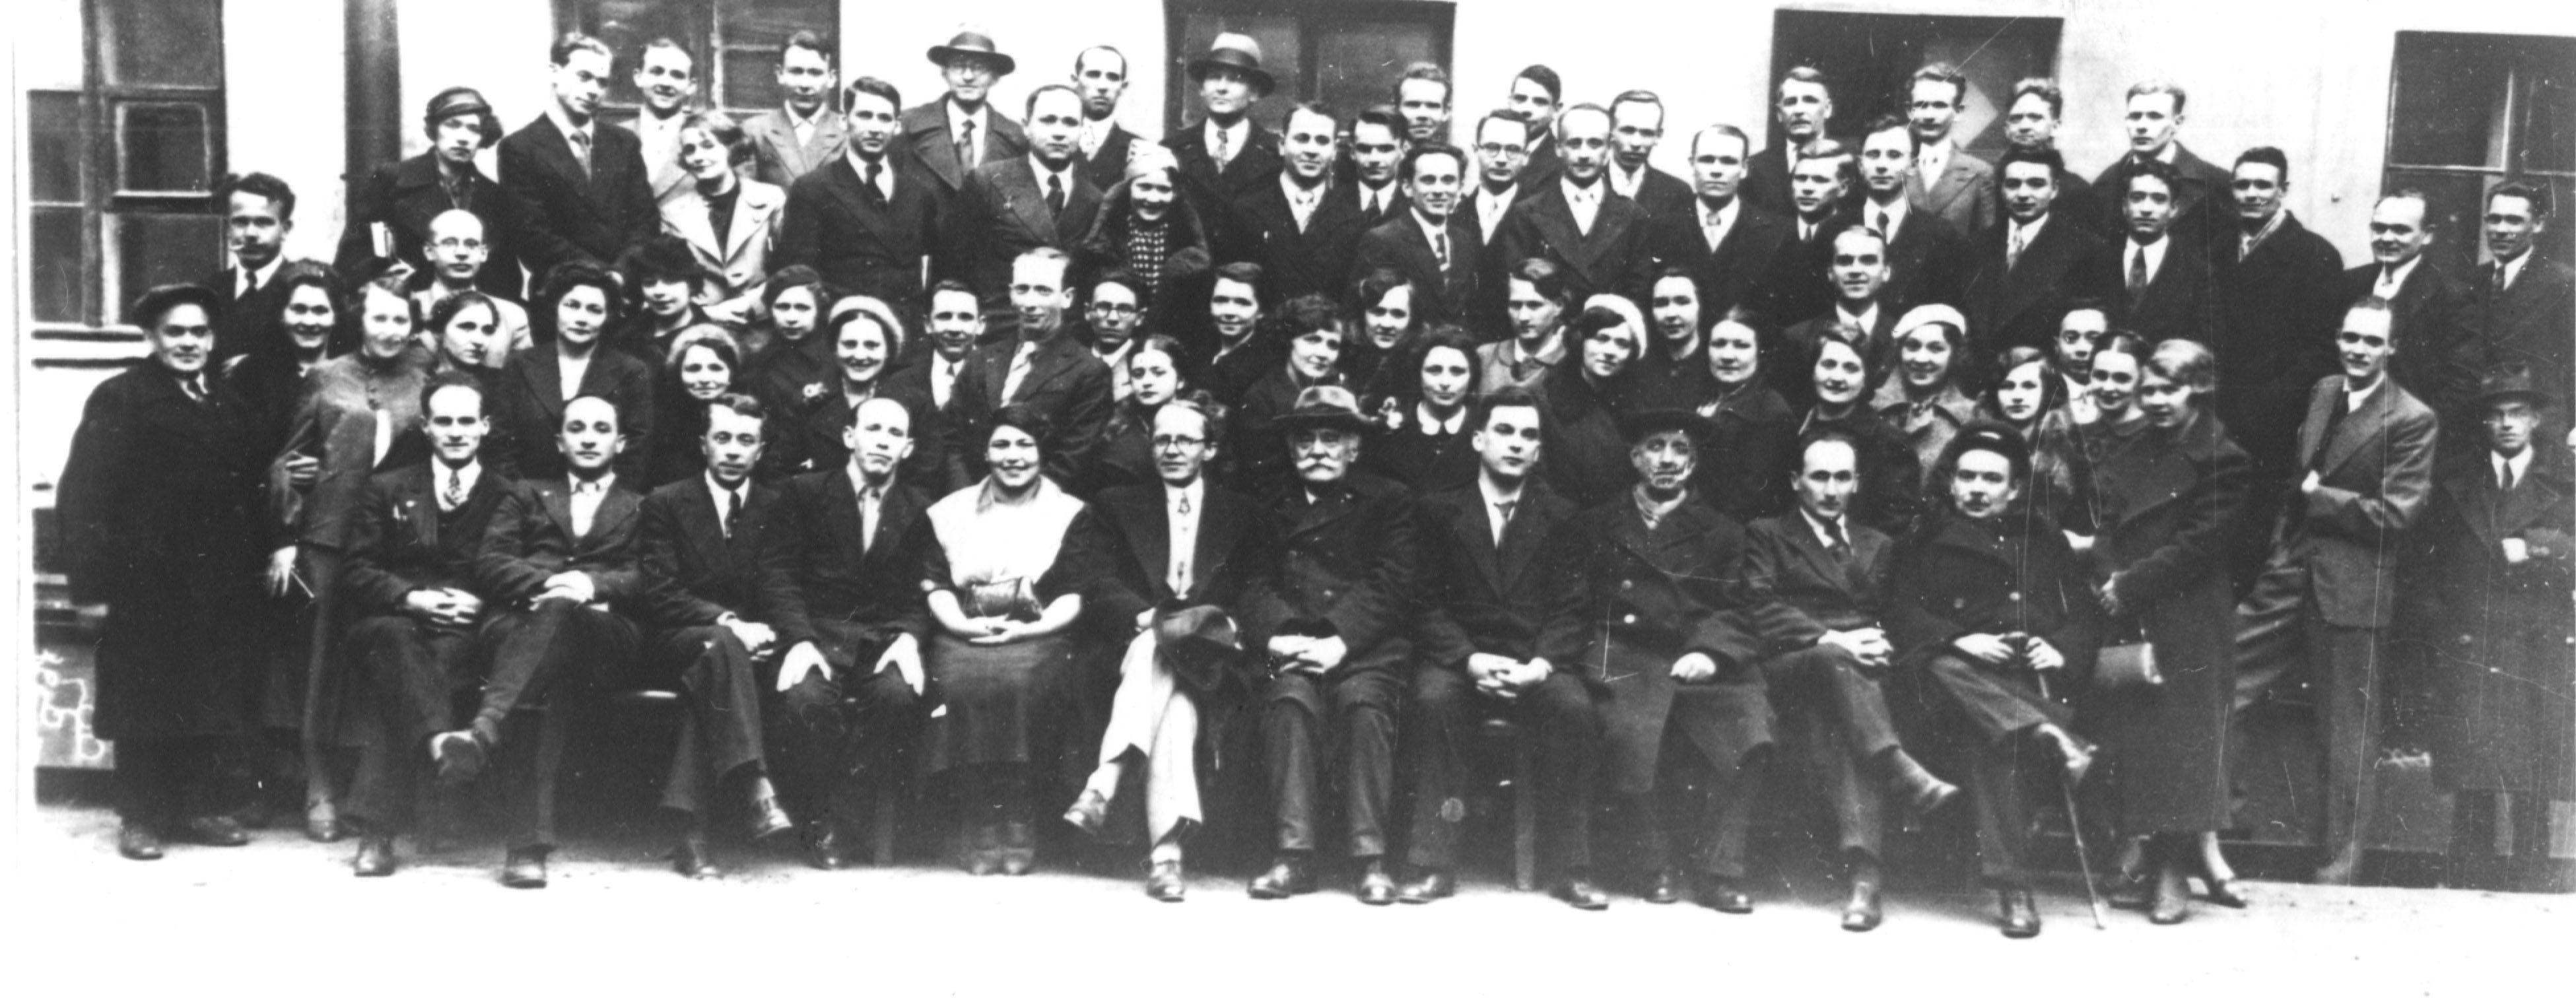 1939. Фотография на память. Группа сотрудников ЛИТМО во дворе института